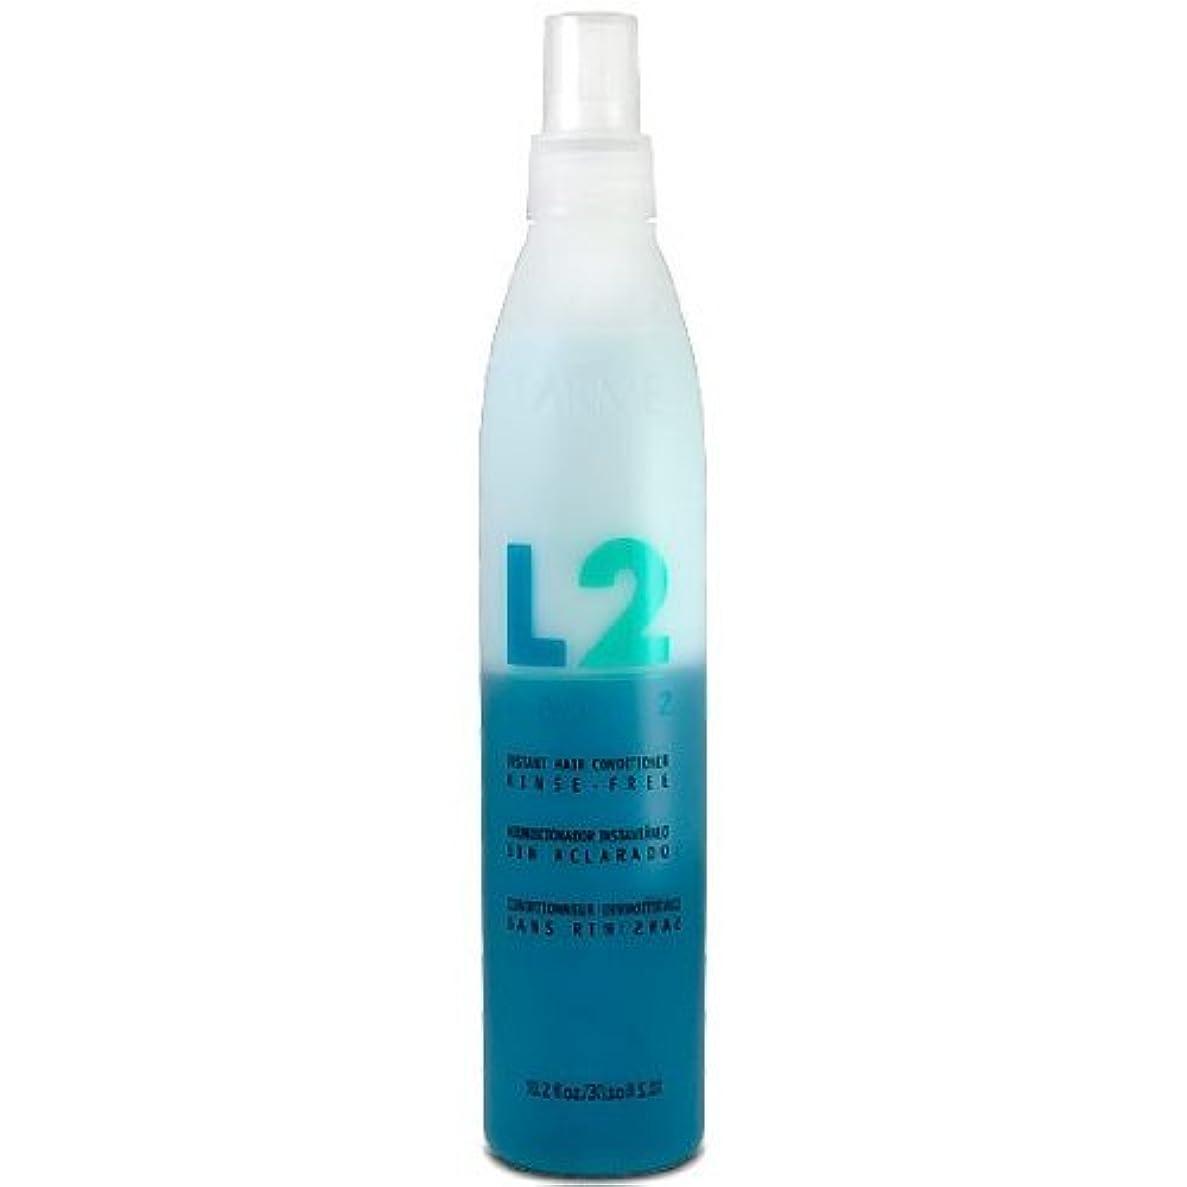 祝福カイウス印象的Lakme Lak 2 Instant Hair Conditioner 10.2 Oz [並行輸入品]